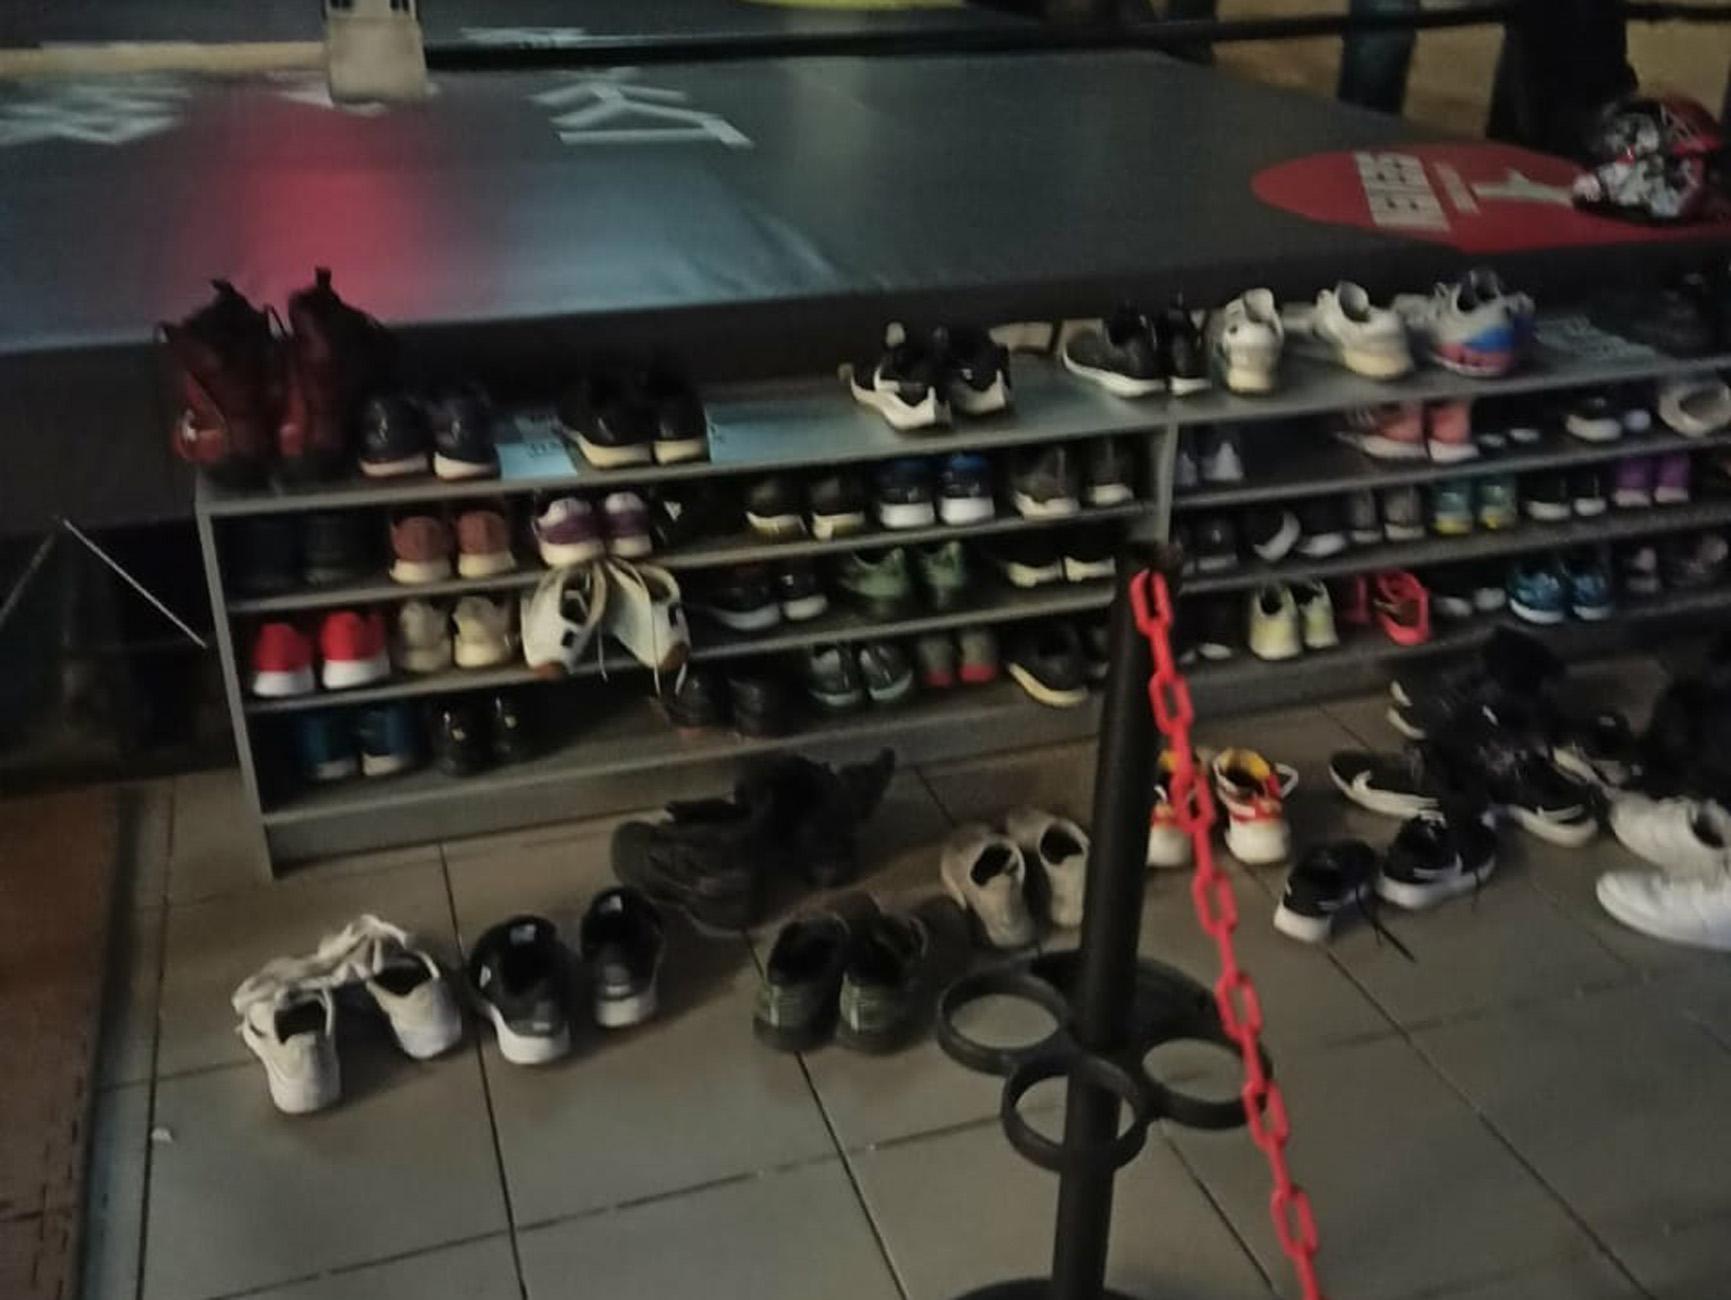 Κορονοϊός: 16 άτομα σε γυμναστήριο στον Πειραιά – Πρόστιμα και αυτόφωρο